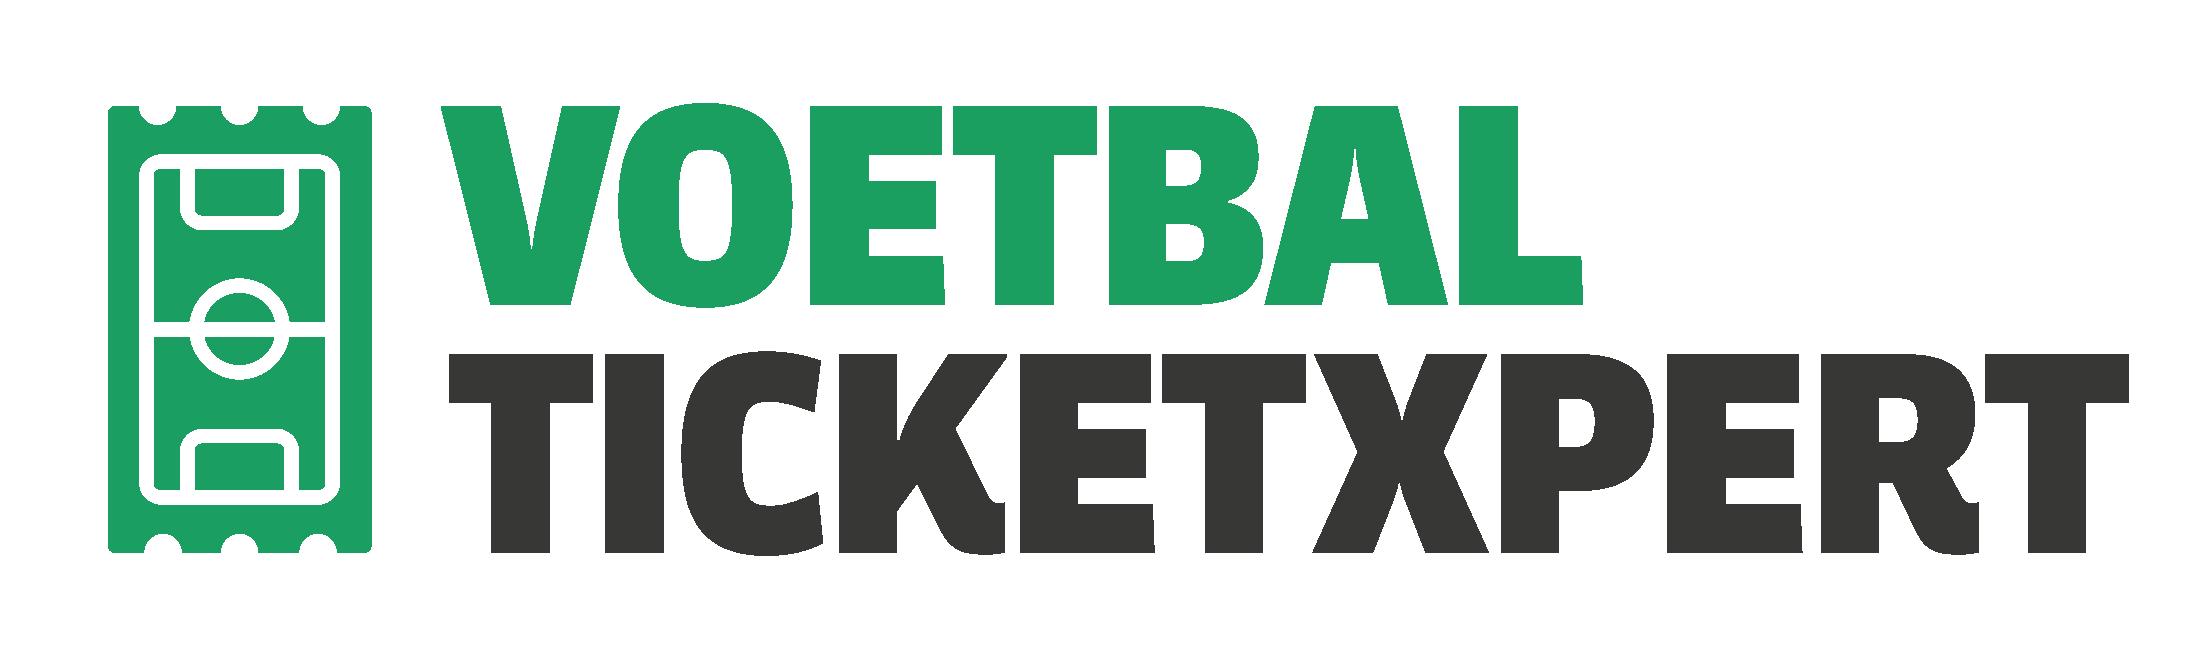 VoetbalticketXpert - Betrouwbaar en veilig voetbaltickets kopen